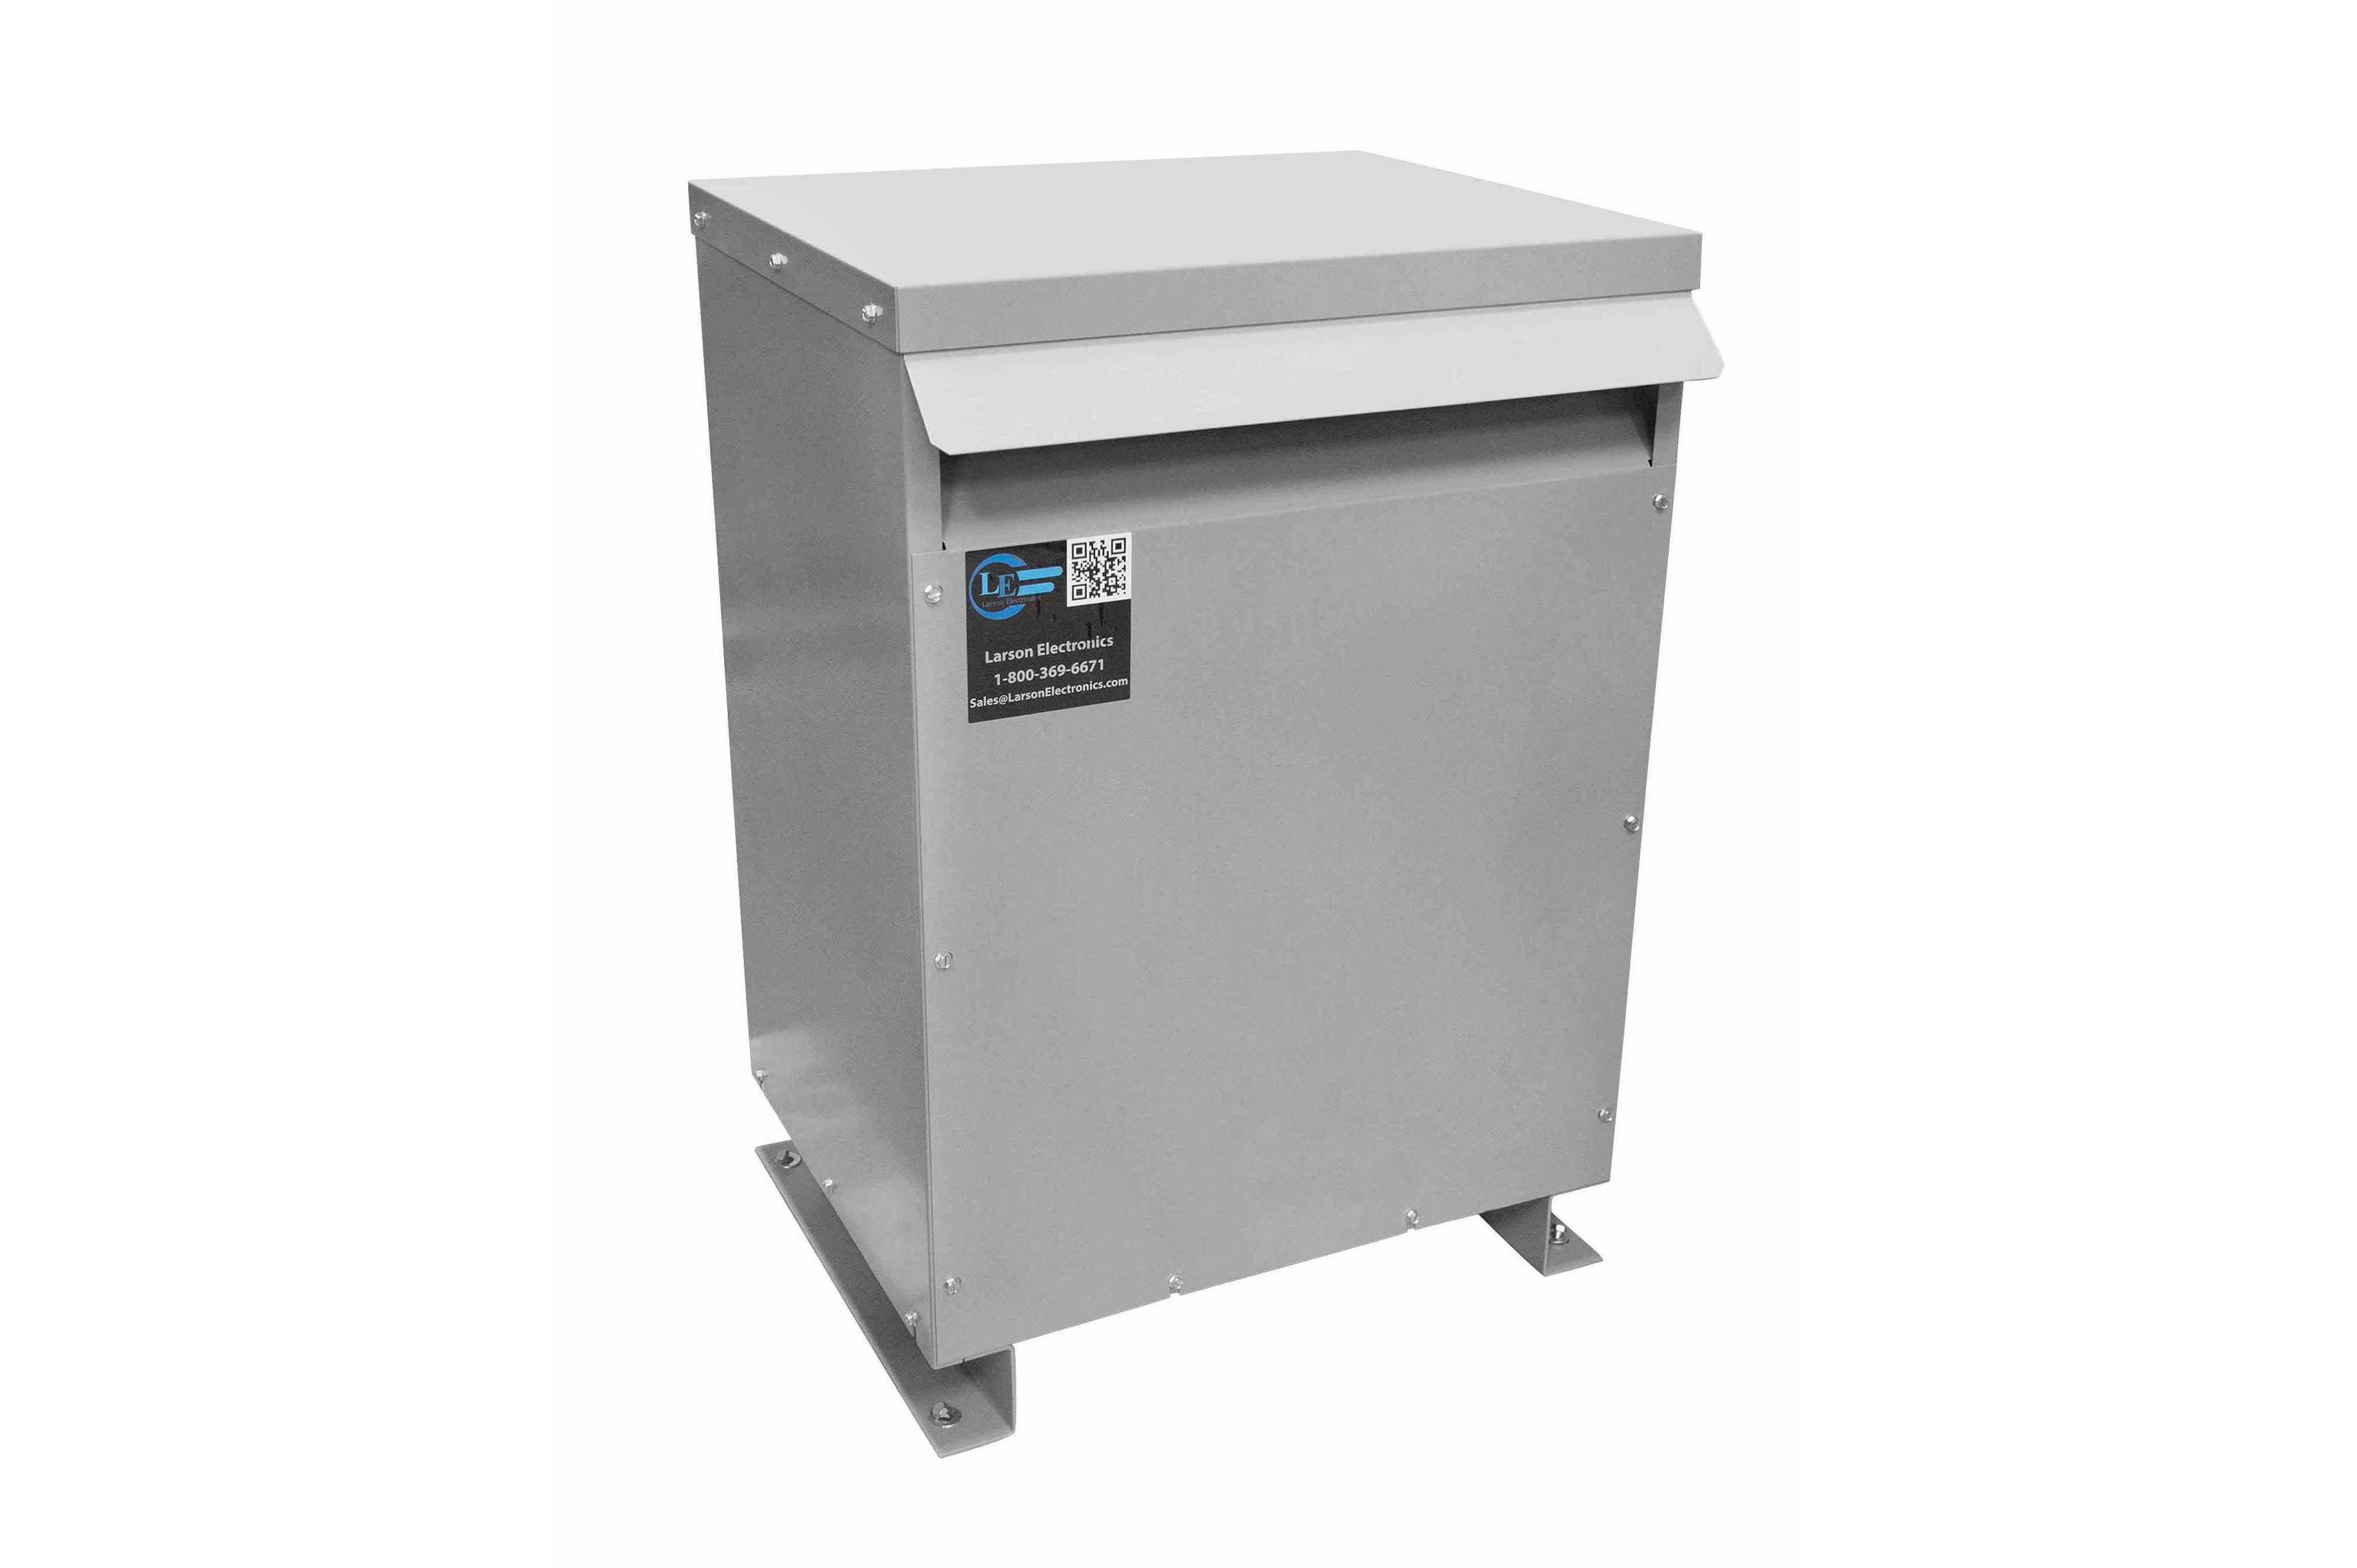 47.5 kVA 3PH Isolation Transformer, 380V Delta Primary, 480V Delta Secondary, N3R, Ventilated, 60 Hz